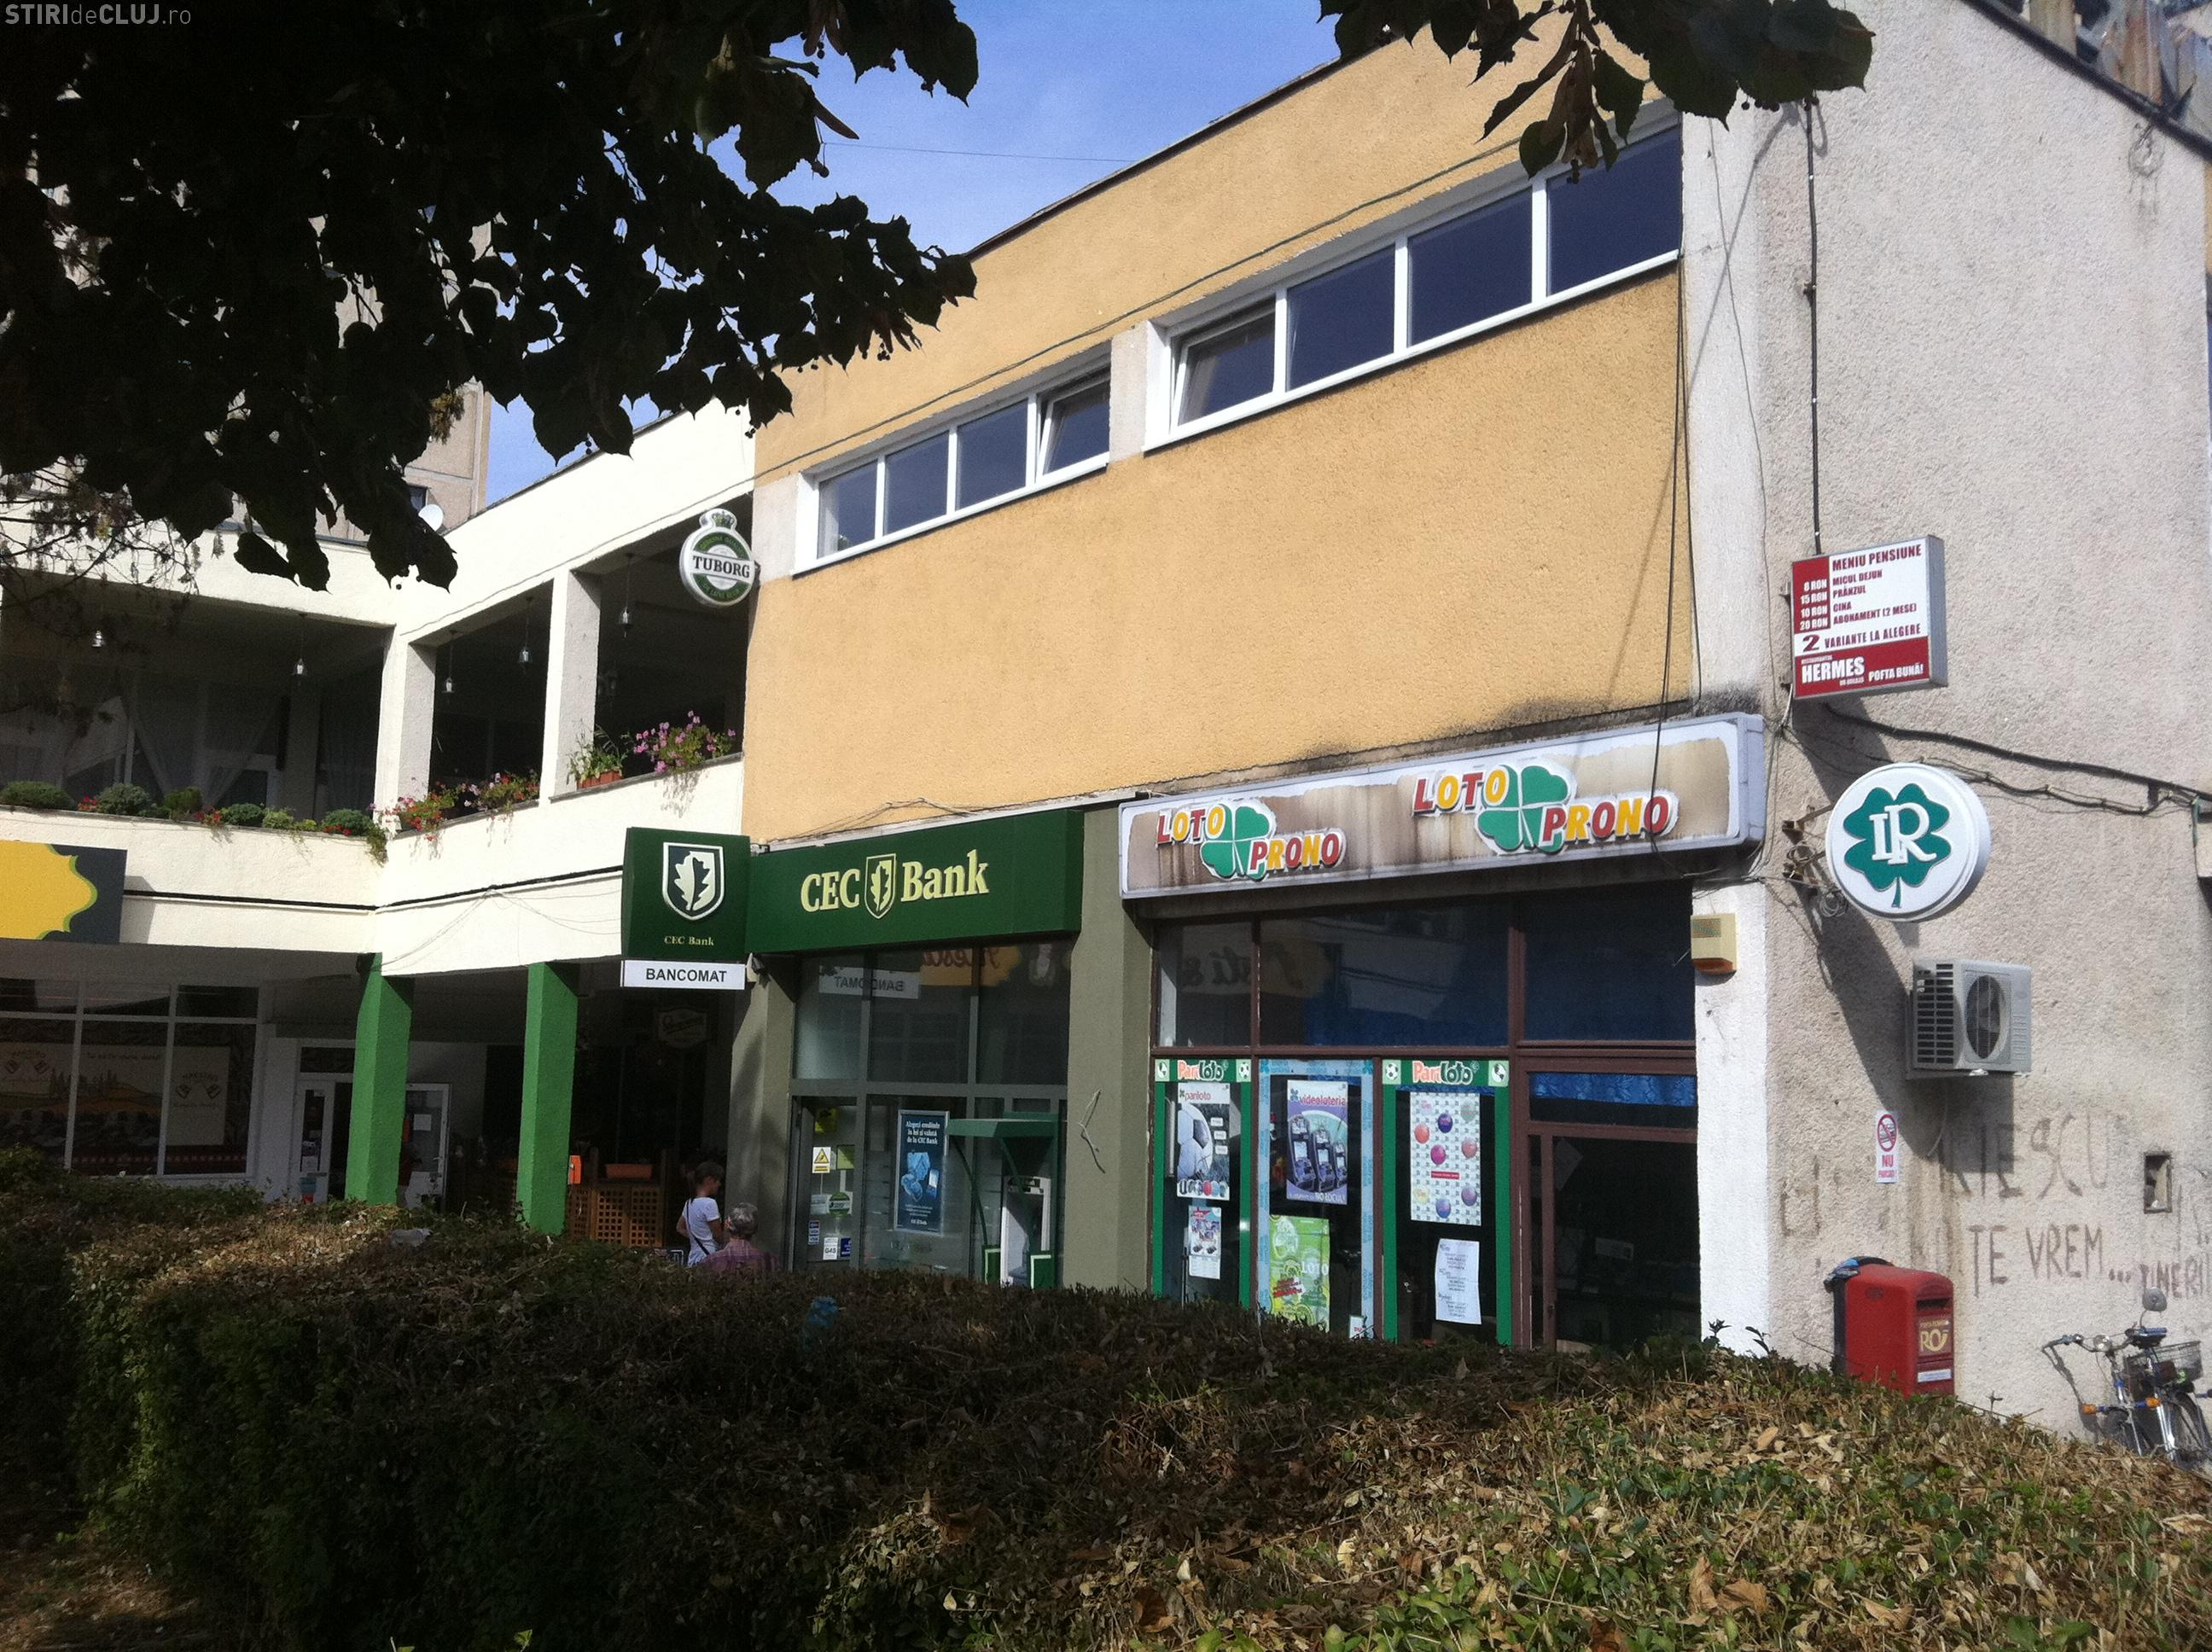 Angajatele de la CEC Cluj, care au furat 700.000 de lei din conturile clienților, duse miercuri în fața instanței